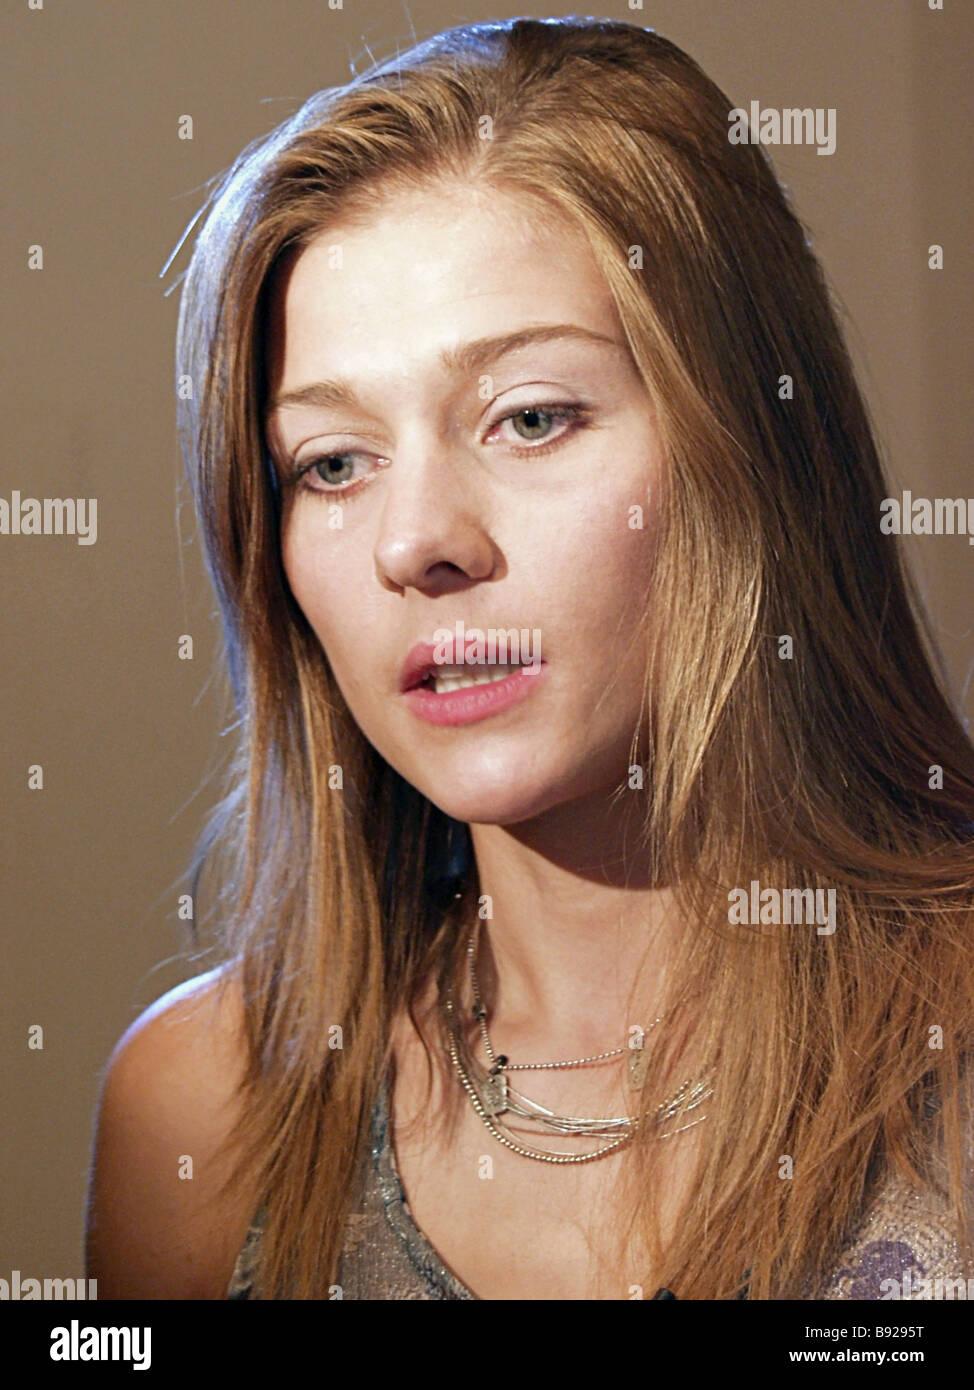 Schauspielerinnen russische Russische Schönheiten: